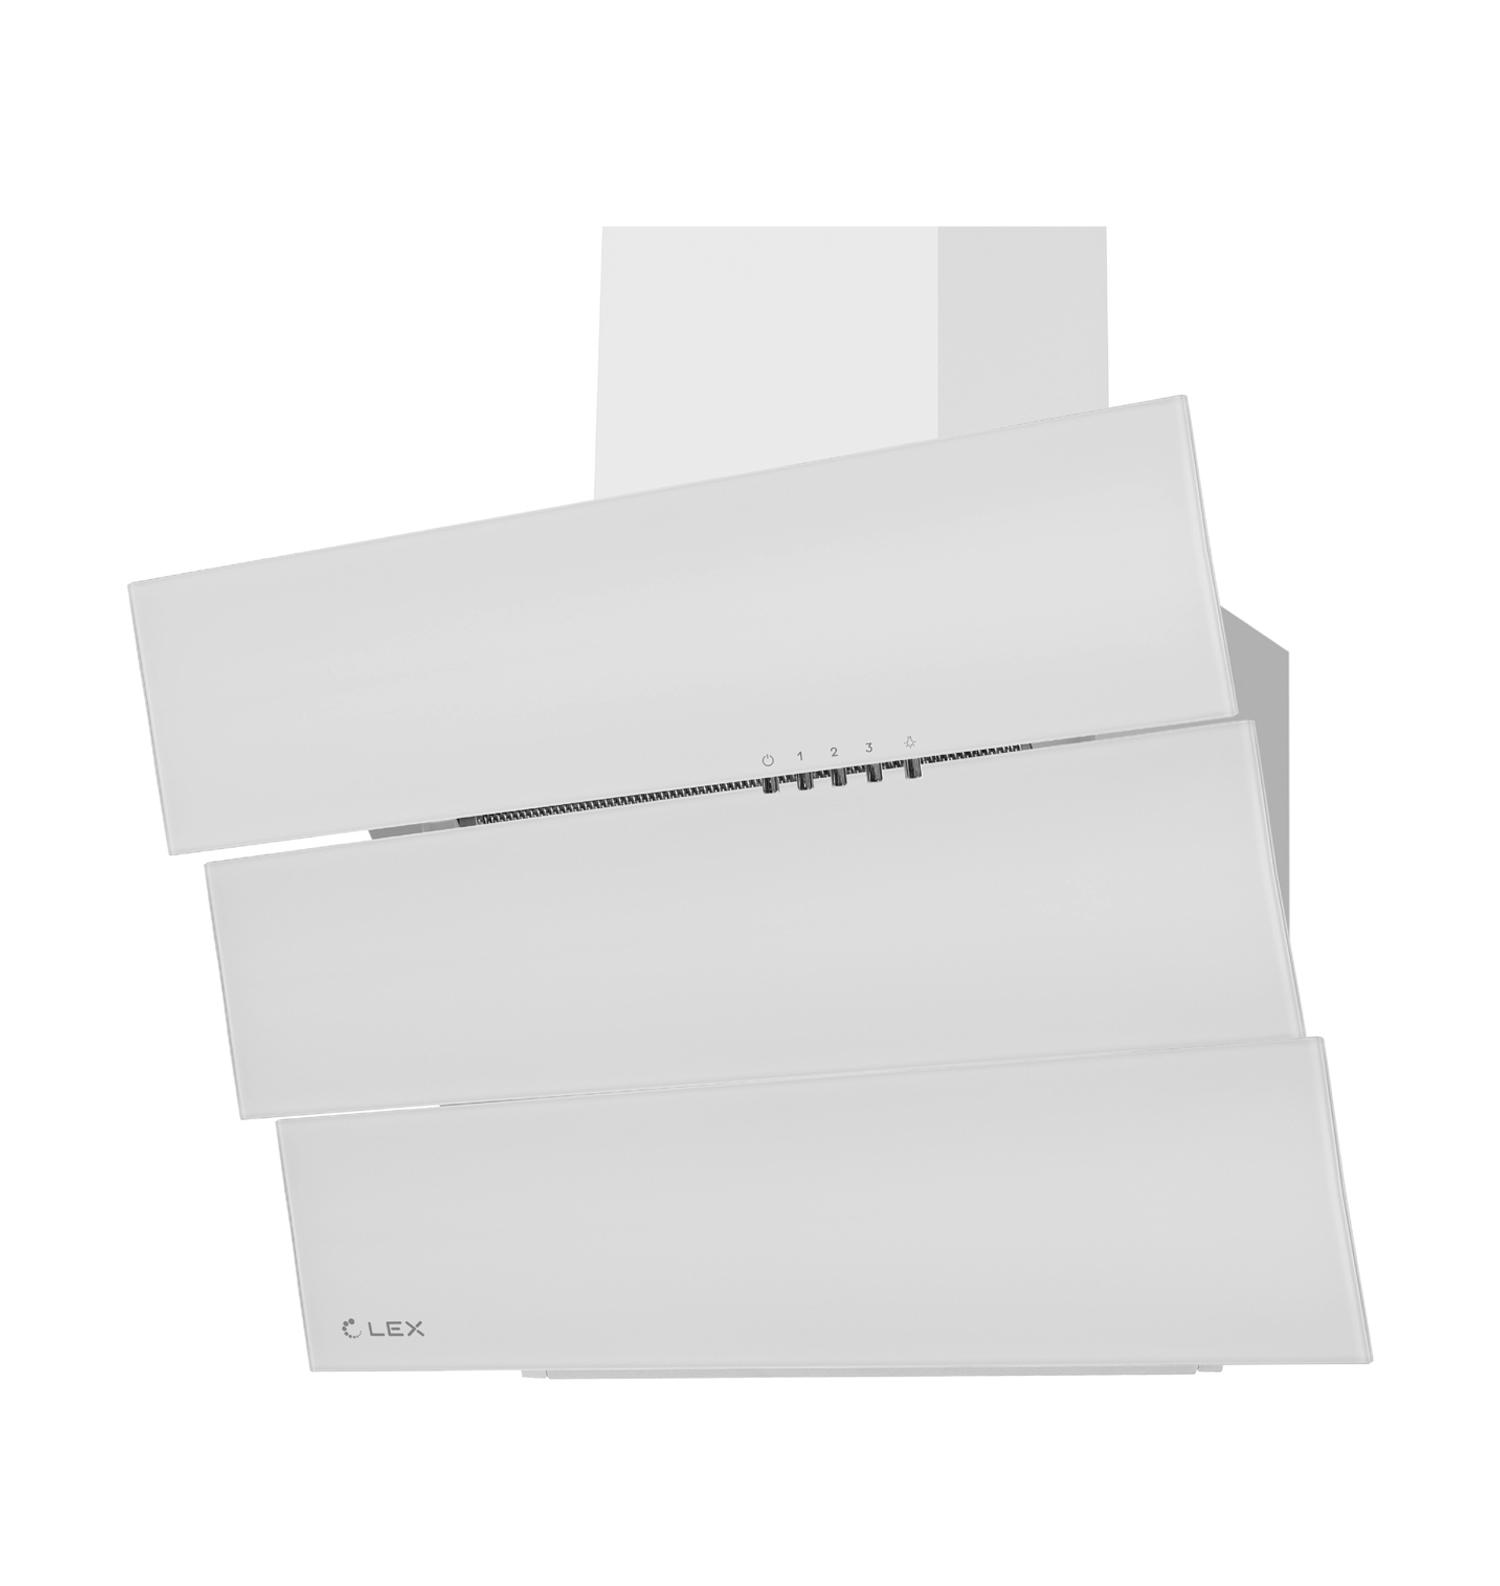 LEX RIO G 600 White